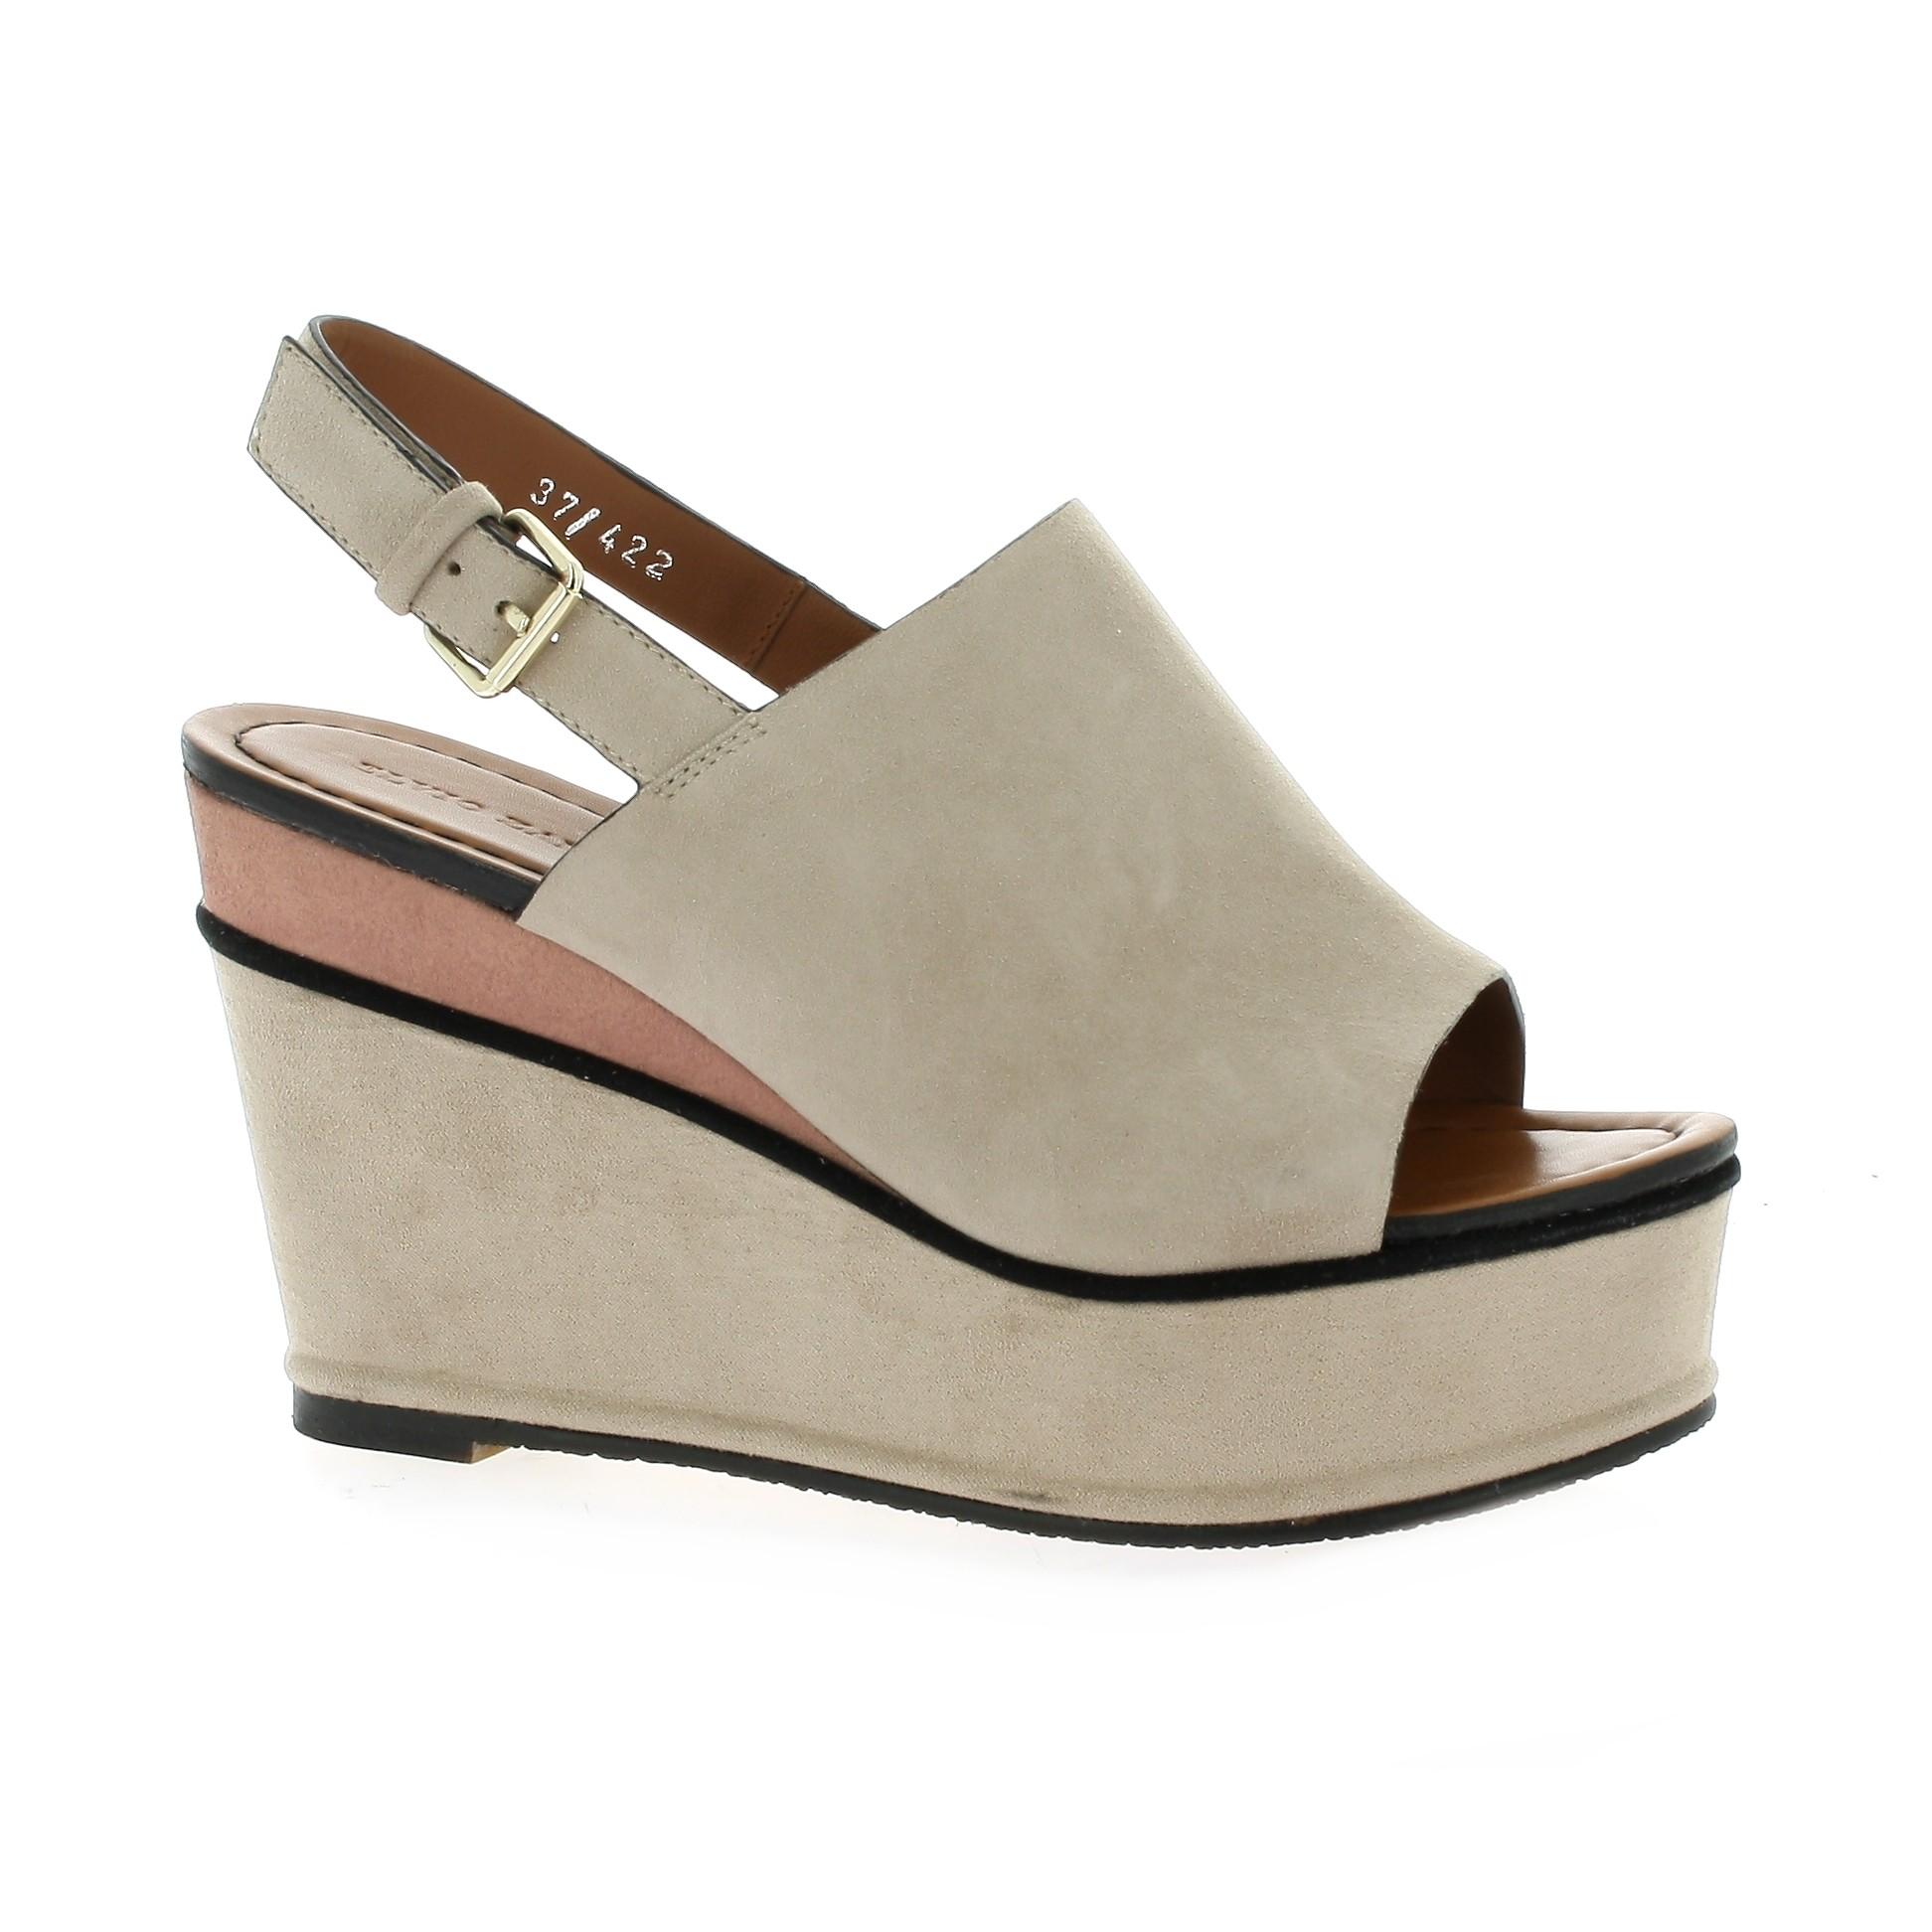 77322f3b0d7 Elvio Zanon Nu pieds cuir Cognac - Chaussures Sandale Femme GH8HUA1Z -  destrainspourtous.fr